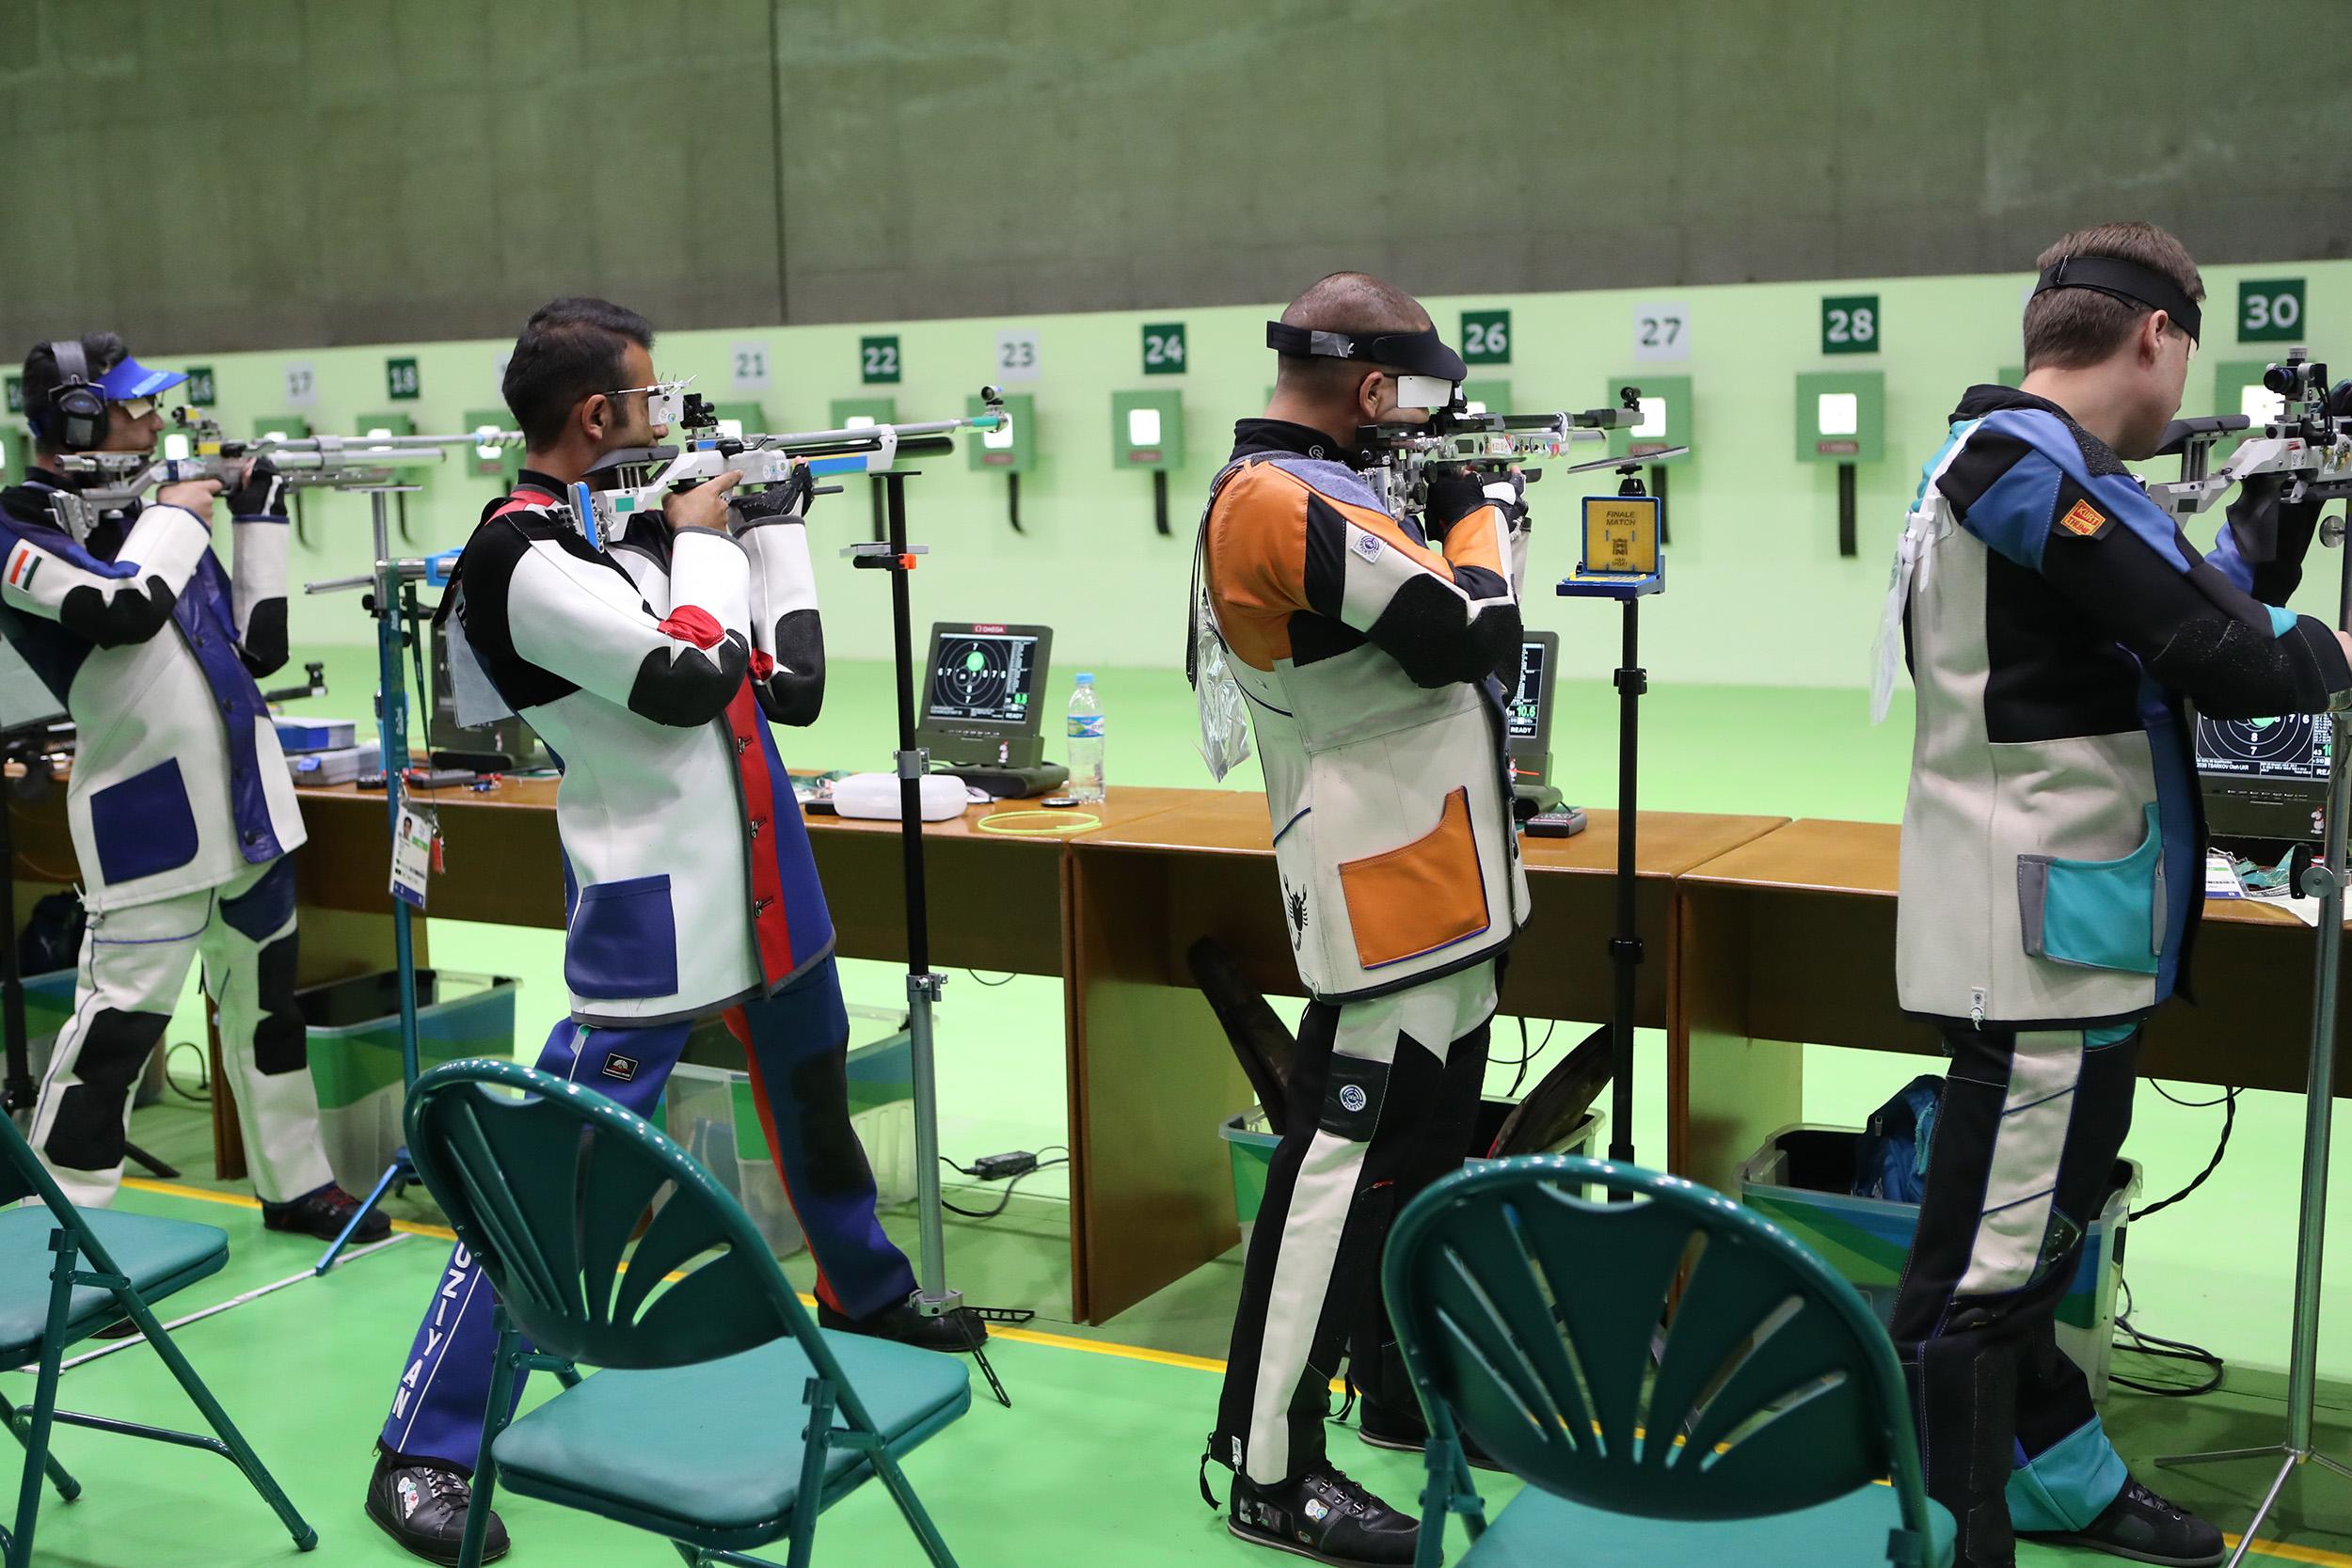 گزارش تصویری تابناک از تیراندازی المپیک ریو